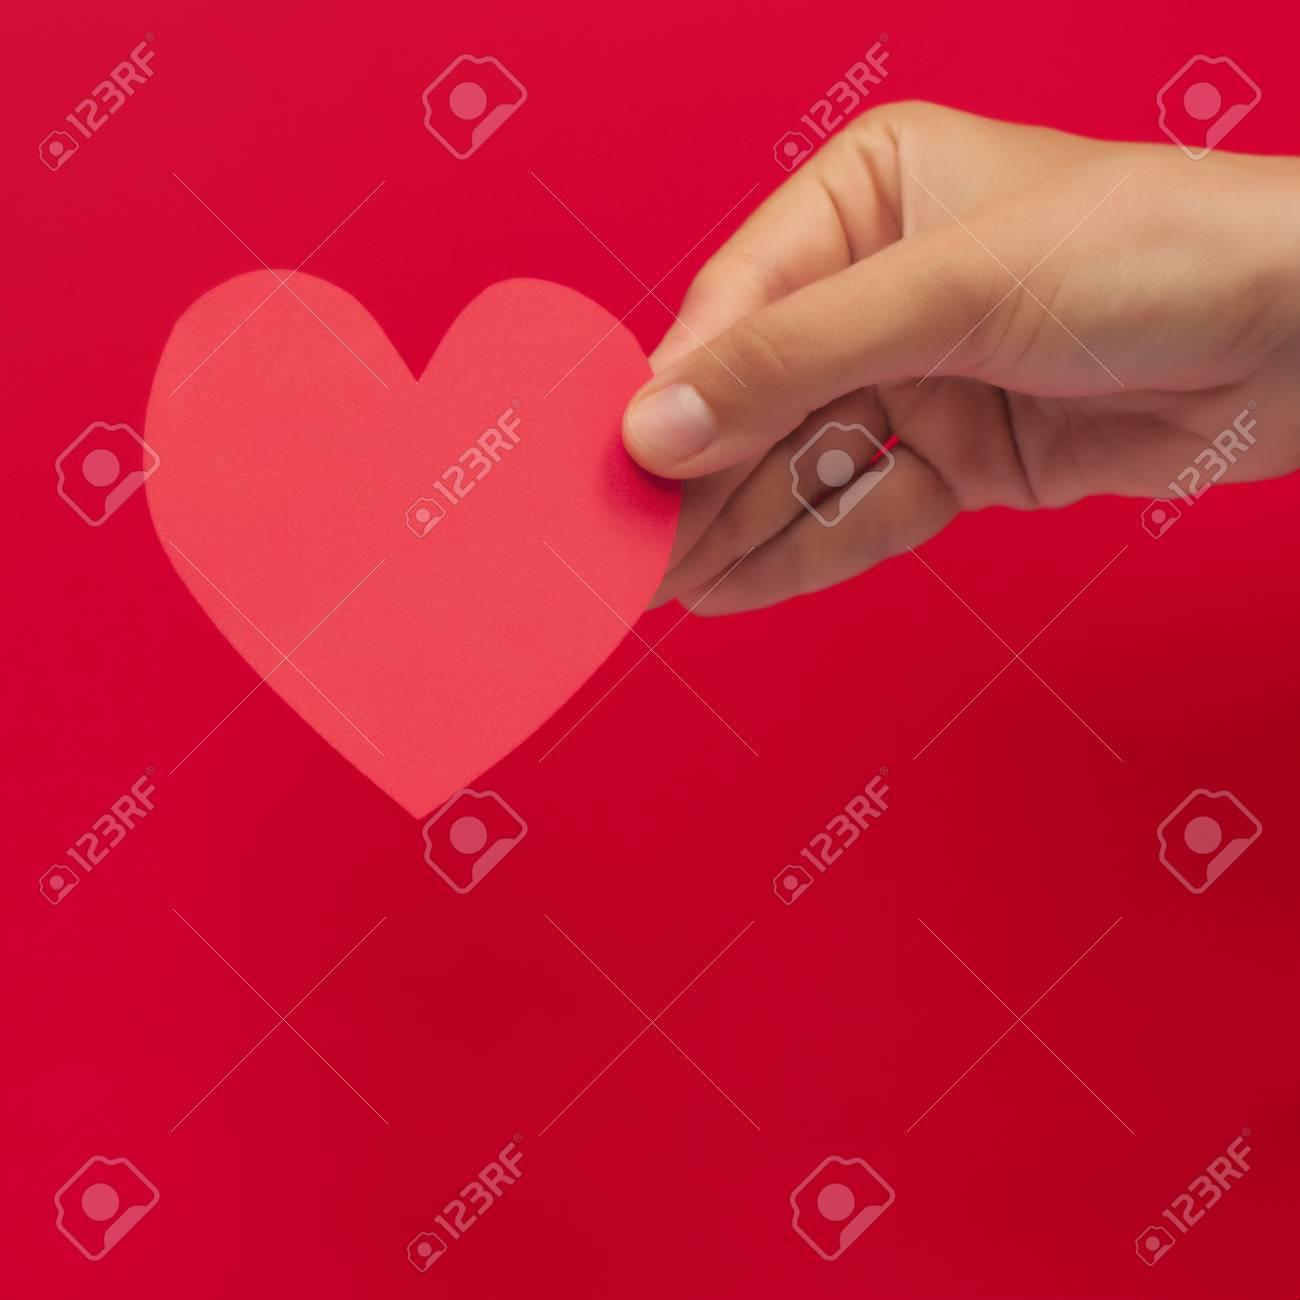 Schöne Weibliche Hand Die Rosa Herz Aus Papier Geschnitten